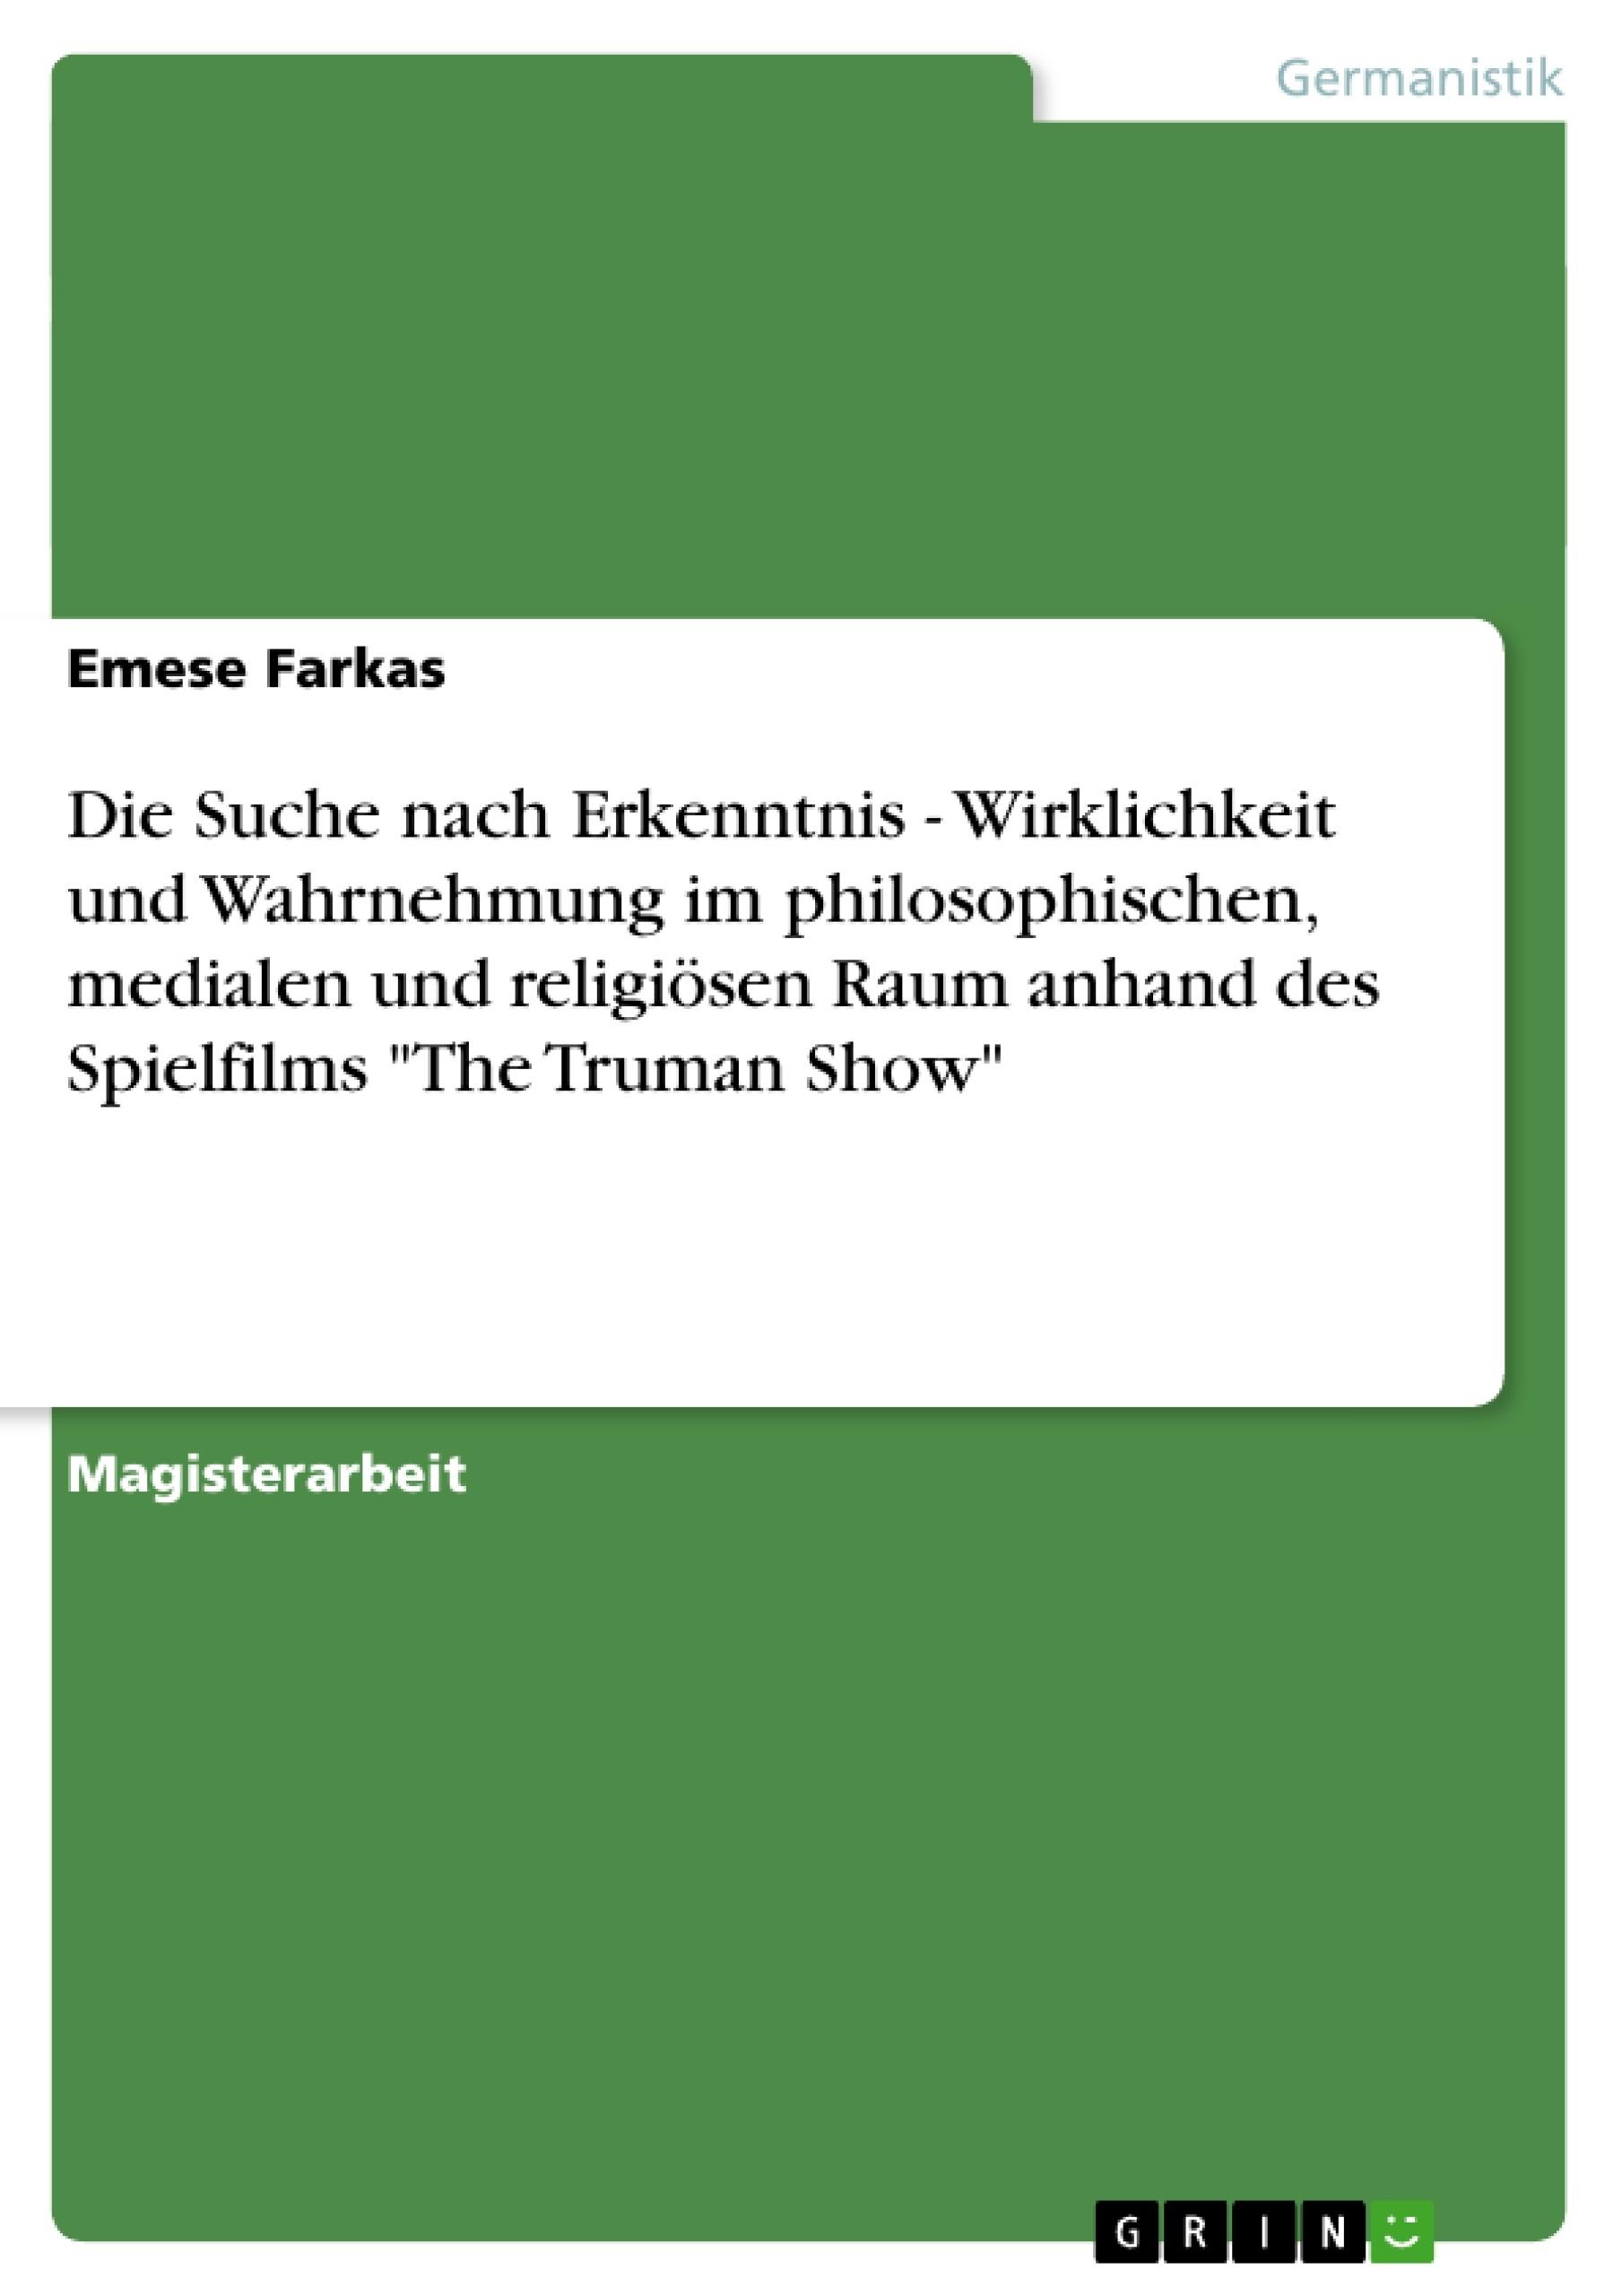 """Titel: Die Suche nach Erkenntnis - Wirklichkeit und Wahrnehmung im philosophischen, medialen und religiösen Raum anhand des Spielfilms """"The Truman Show"""""""